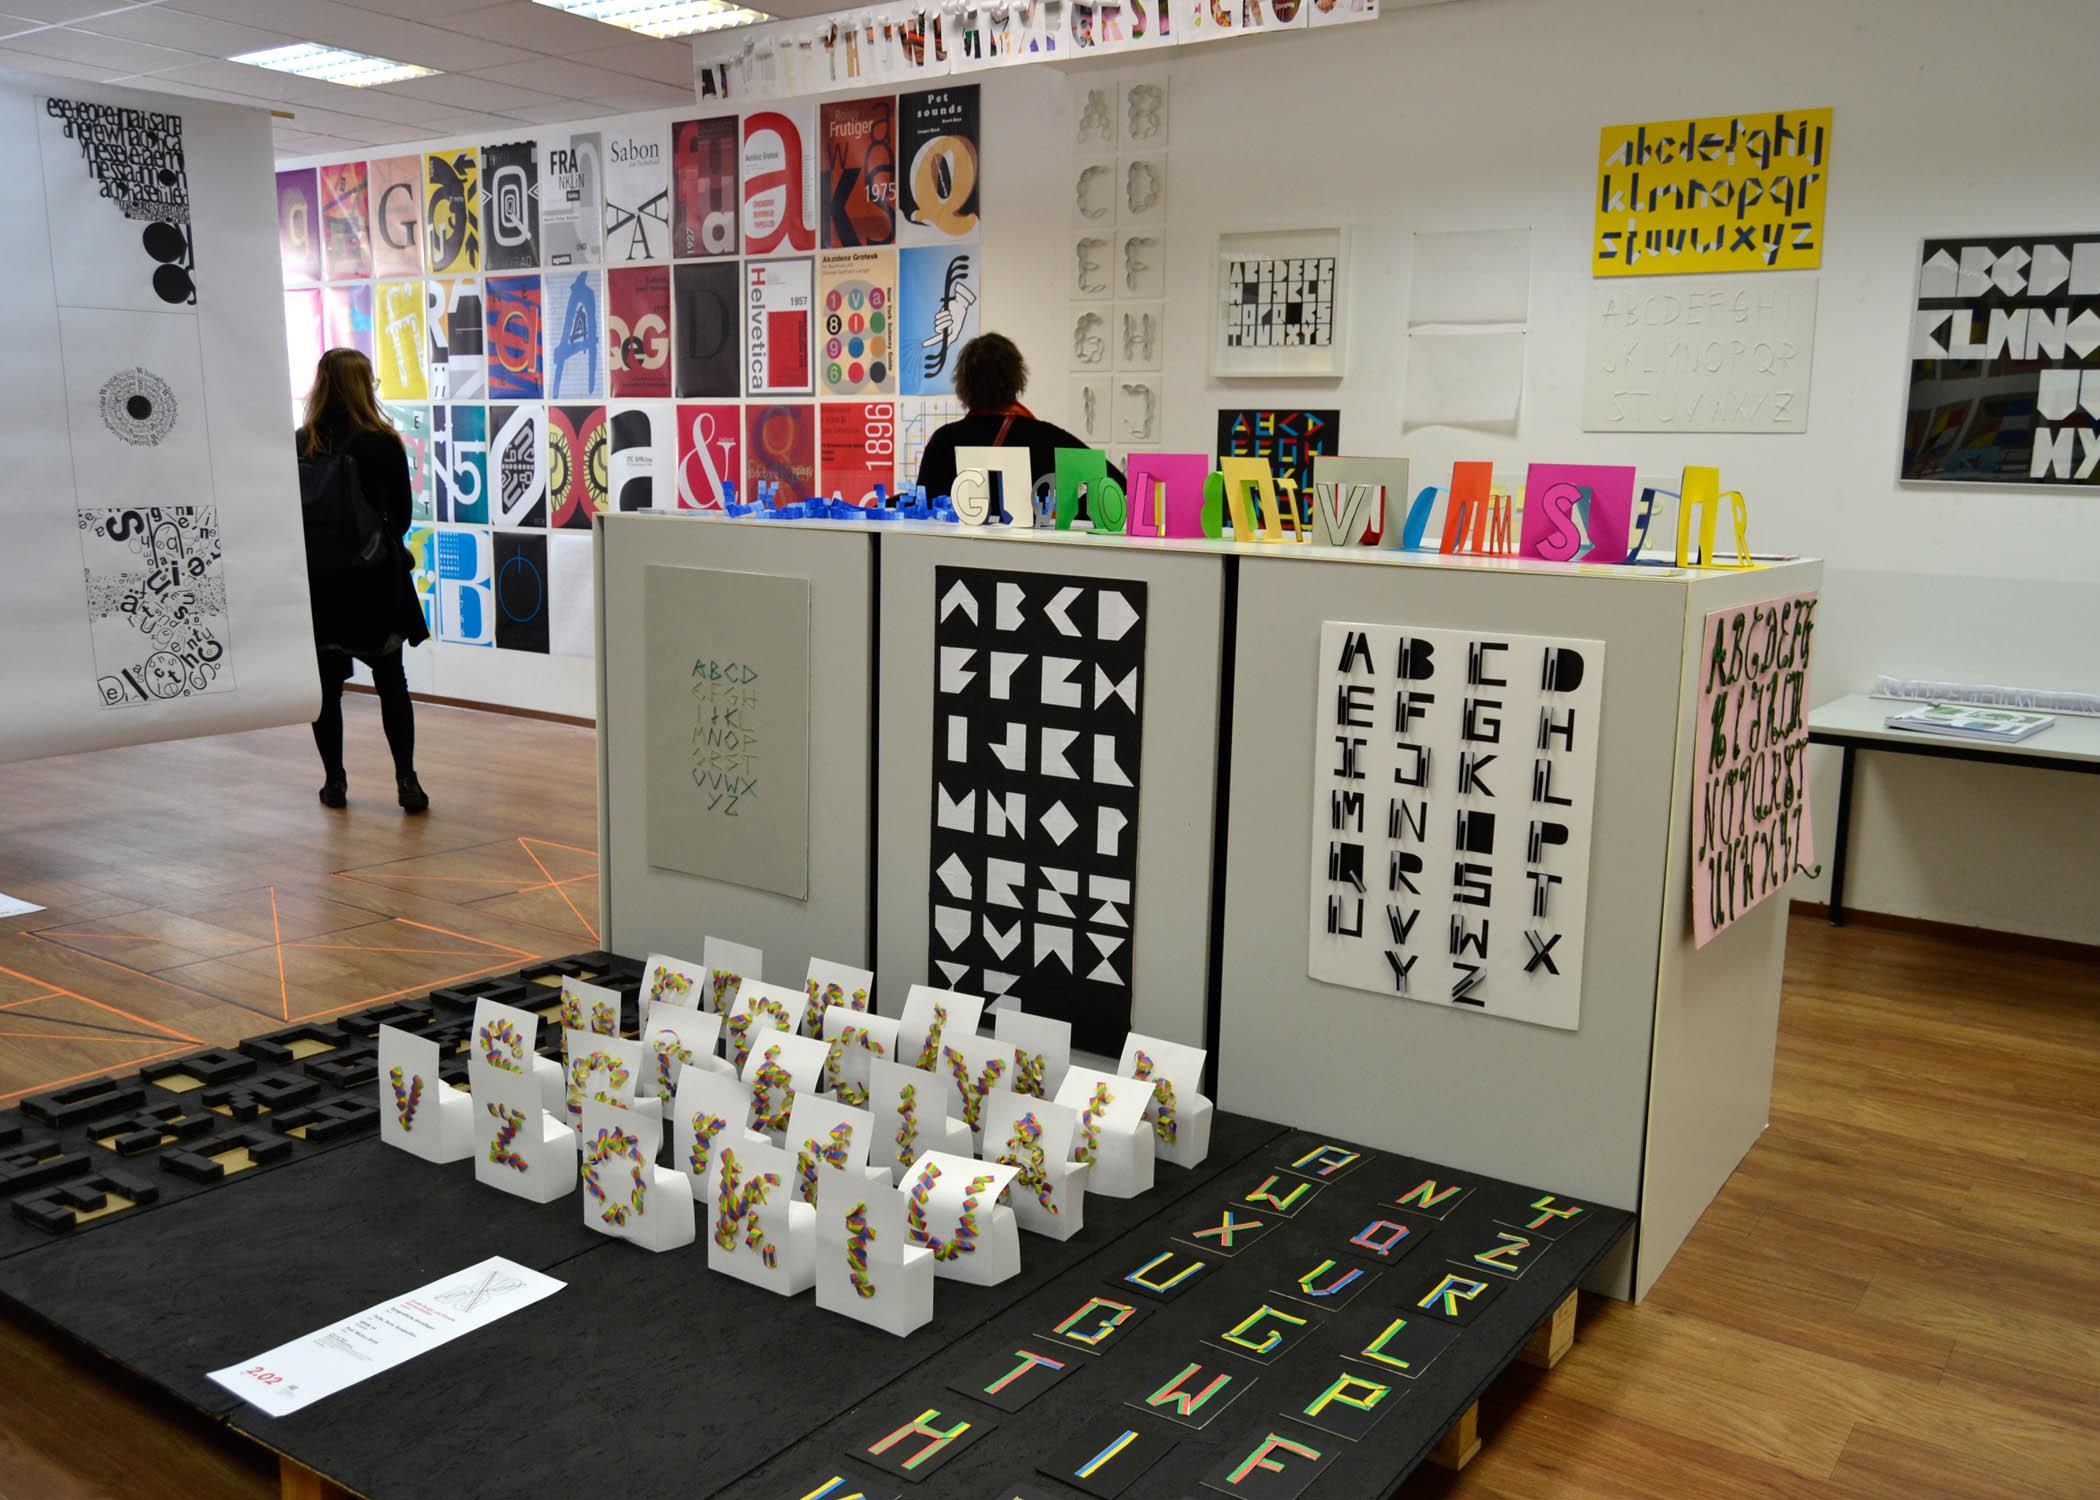 Dieser Raum war allein typographischen Arbeiten vorbehalten.